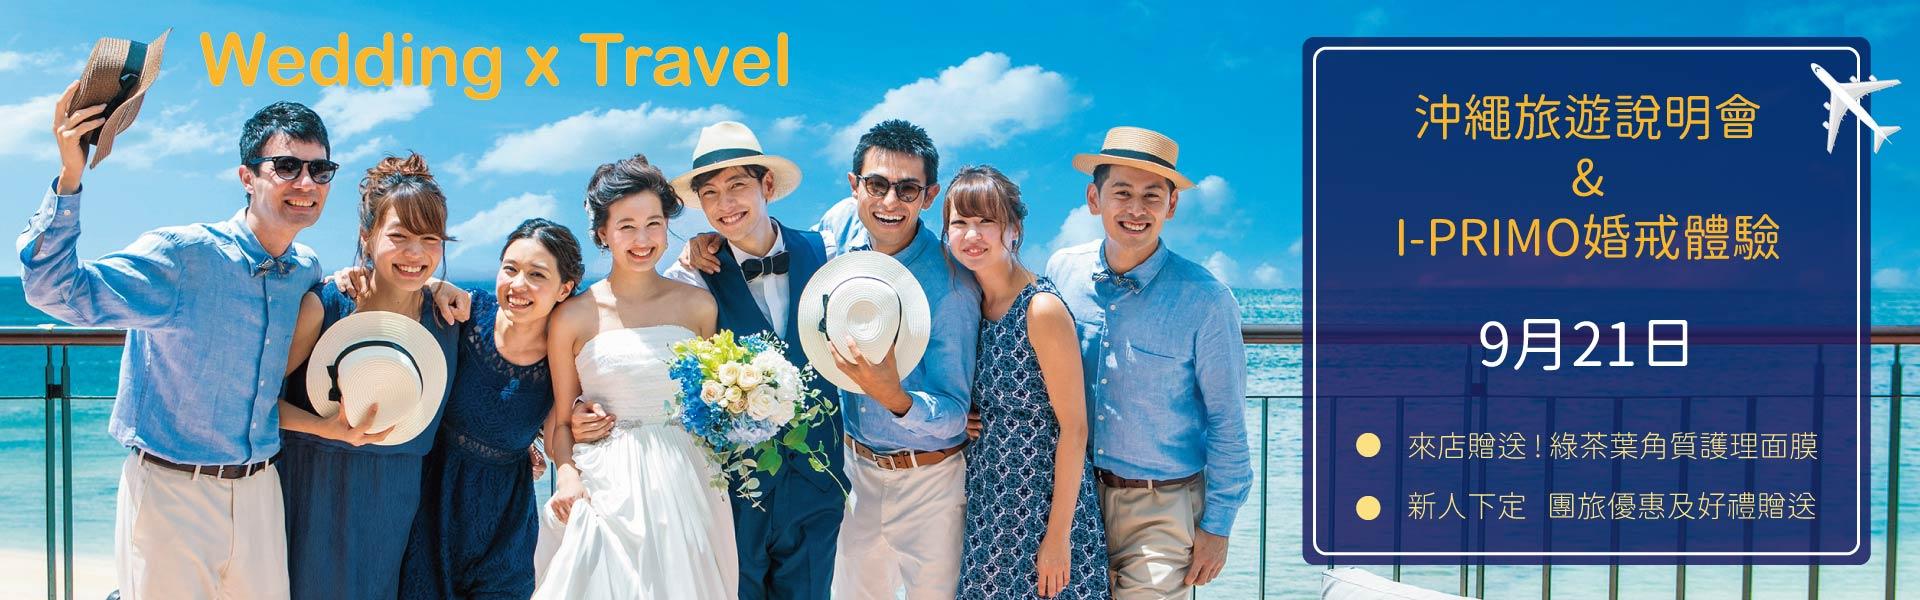 9月活動:Wedding x Travel